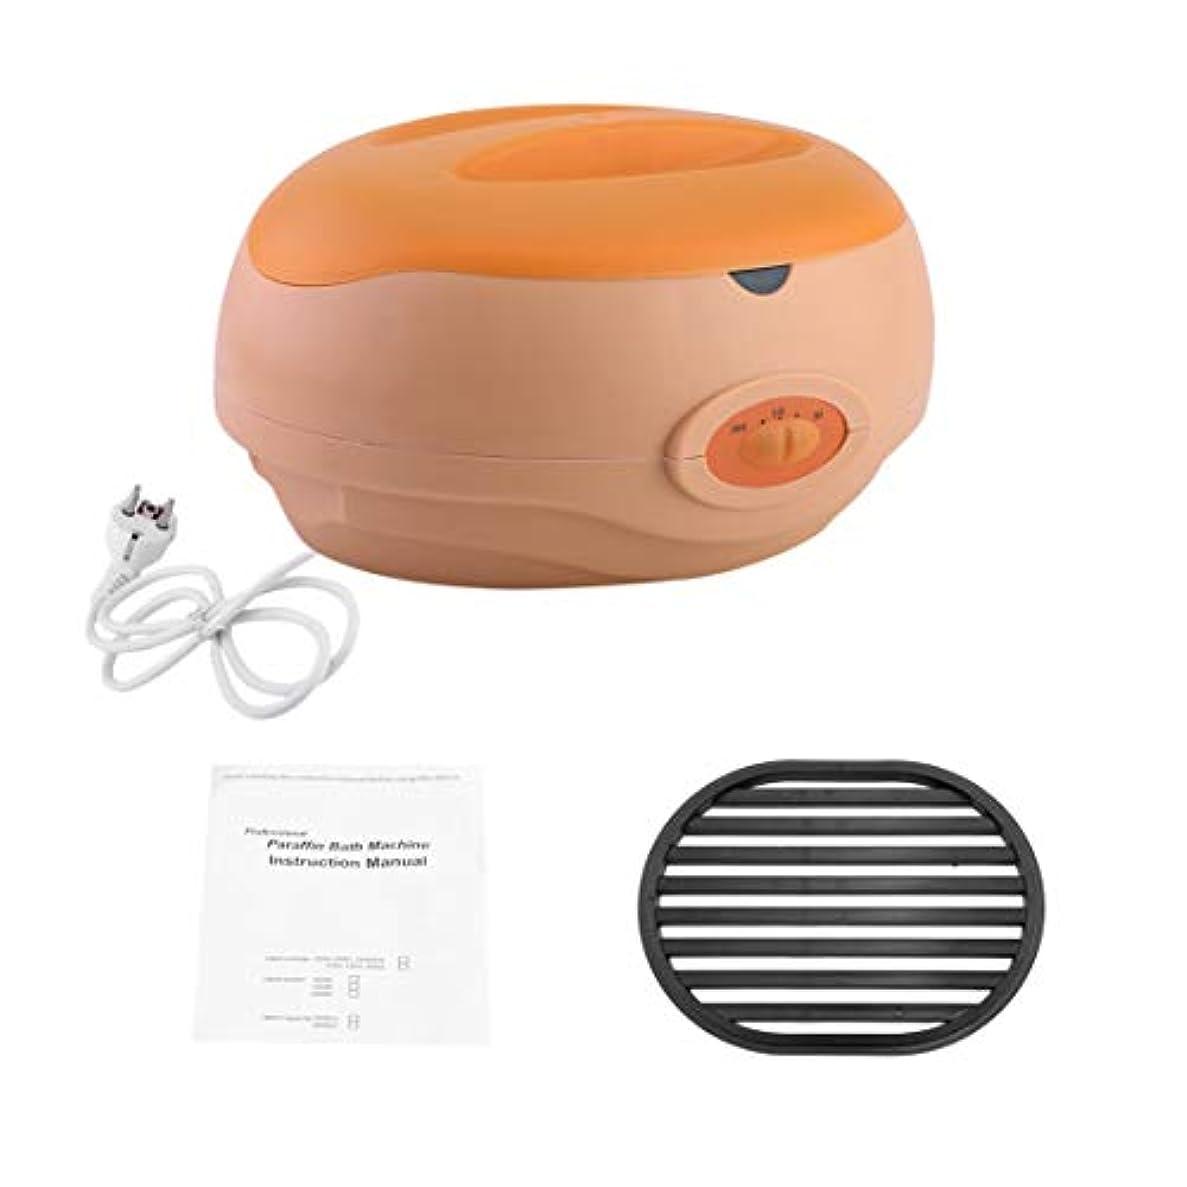 乱す後ろに効果パラフィンセラピーバスワックスポットウォーマーサロンスパハンド脱毛器ワックスヒーター機器ケリセラピーシステム美容ケア(オレンジ)